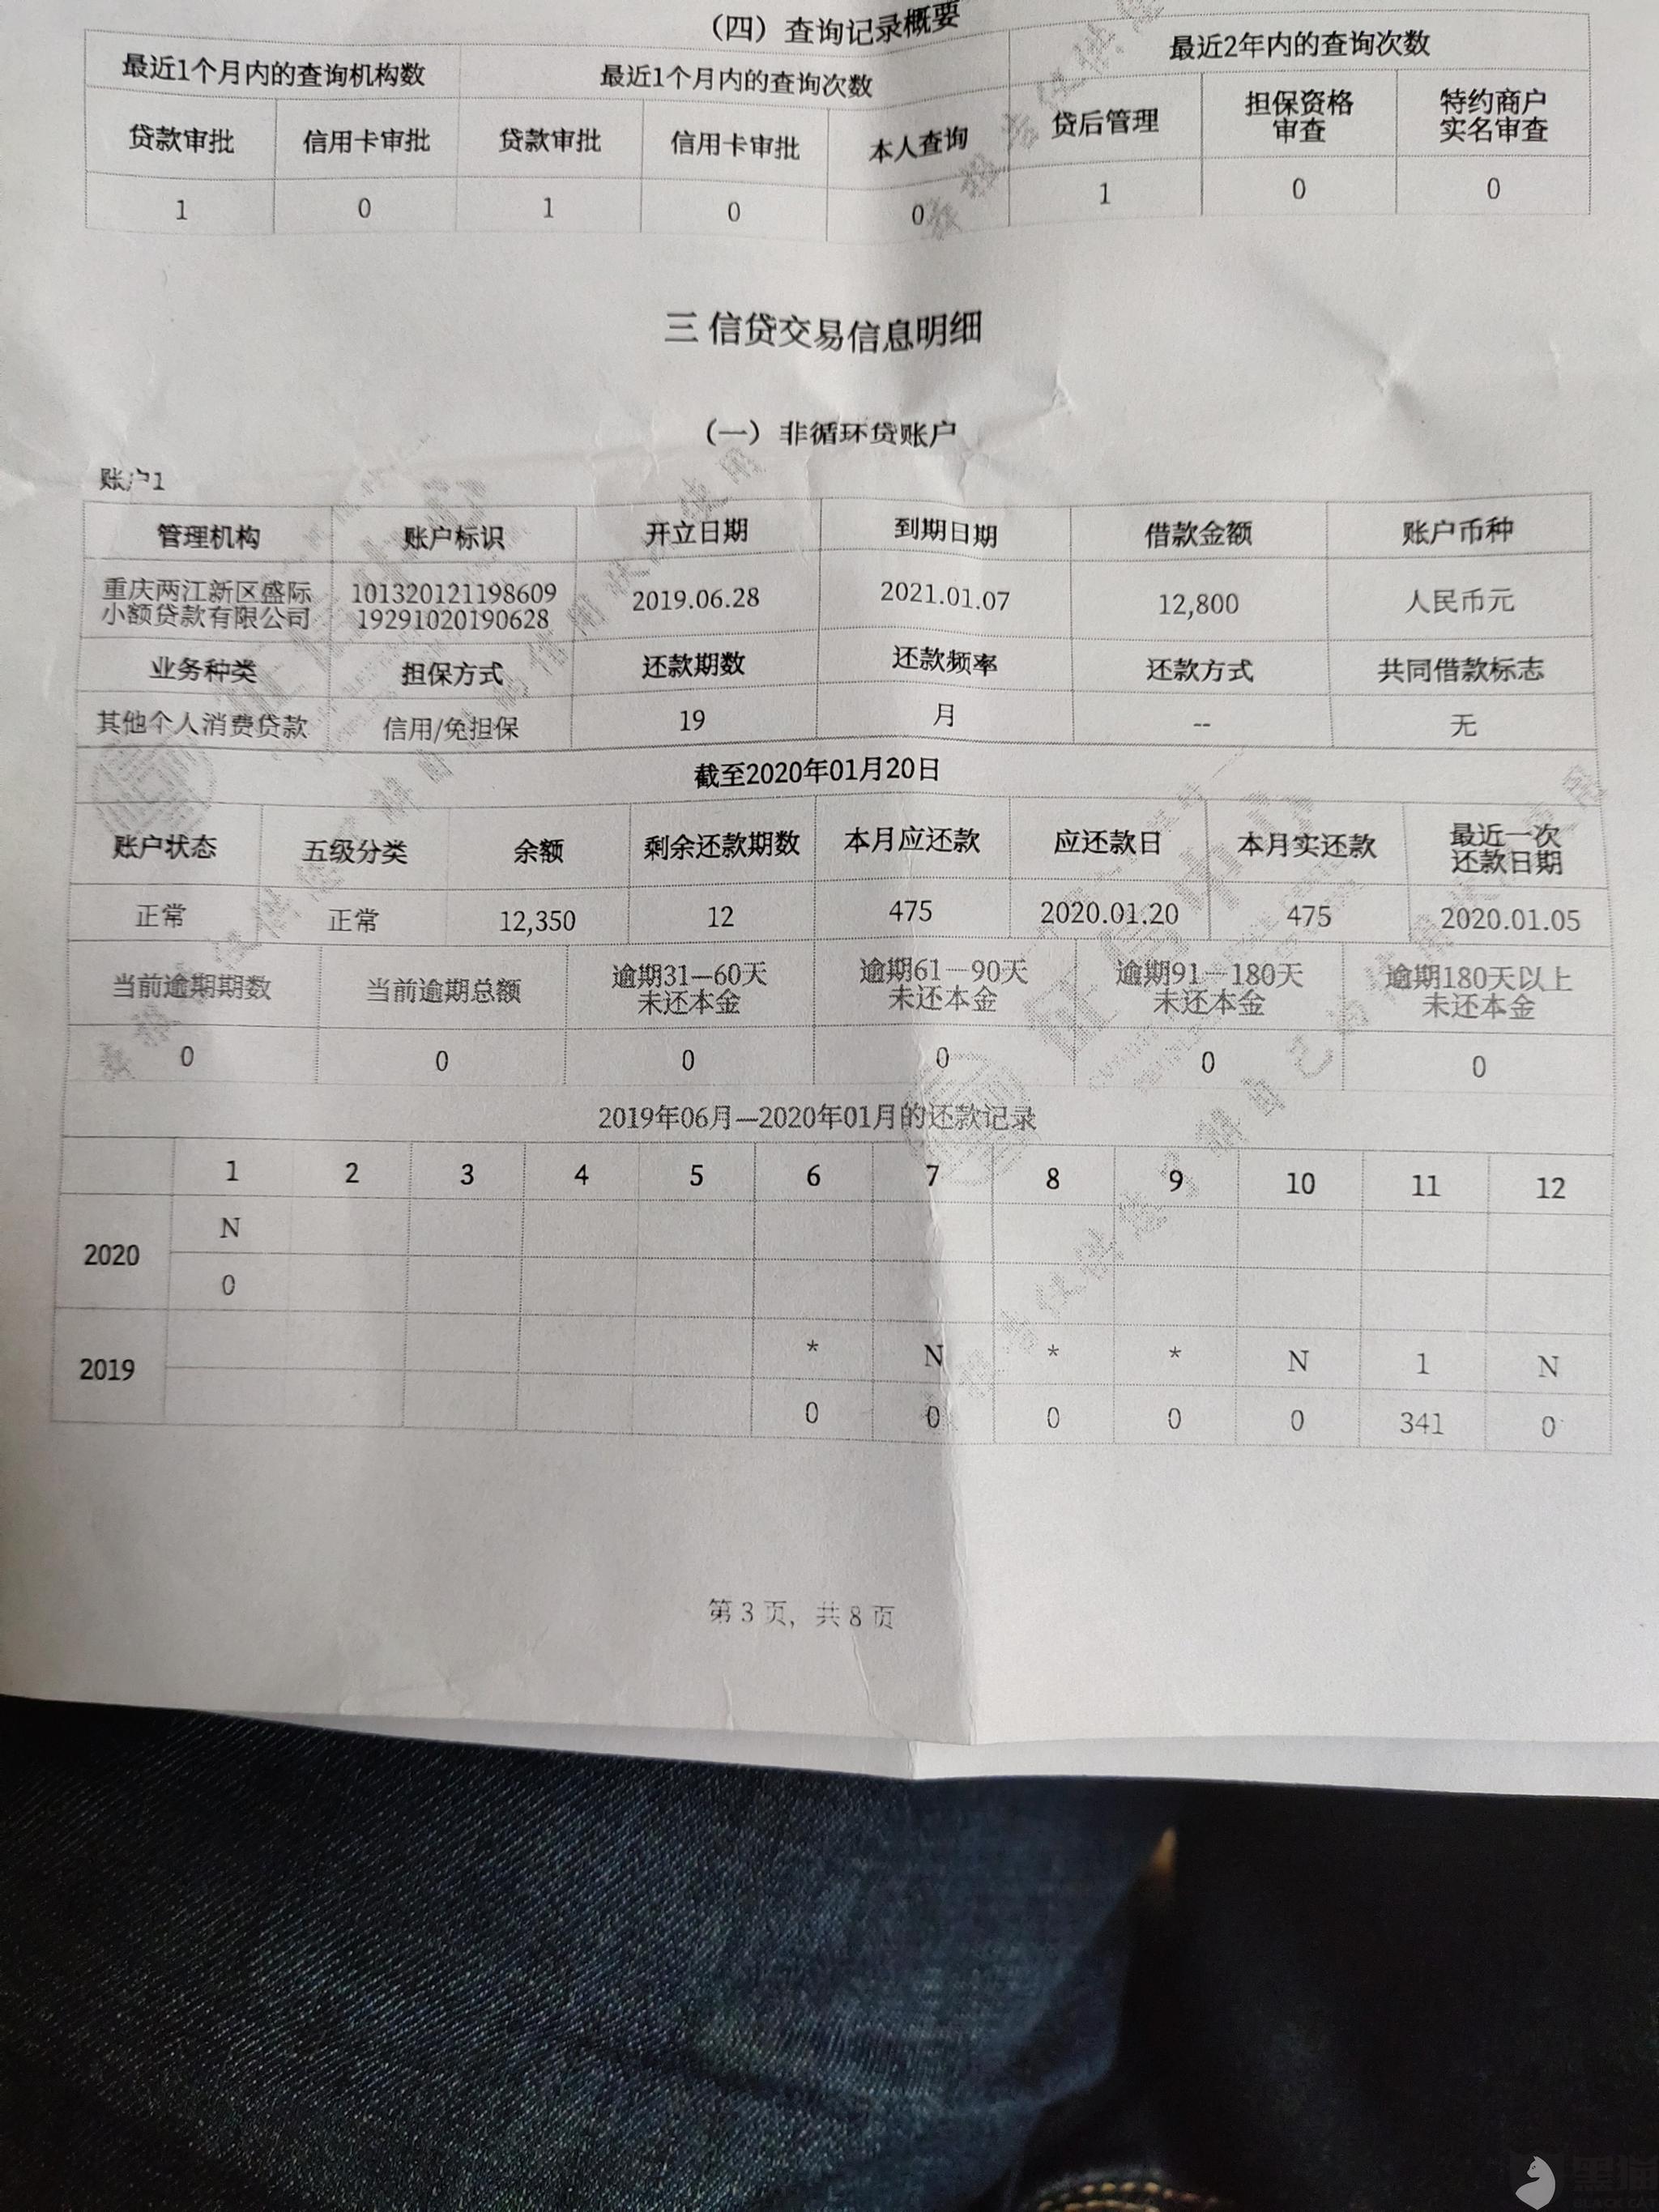 黑猫投诉:重庆两江新区盛际小额贷款有限公司消除我的不良逾期记录